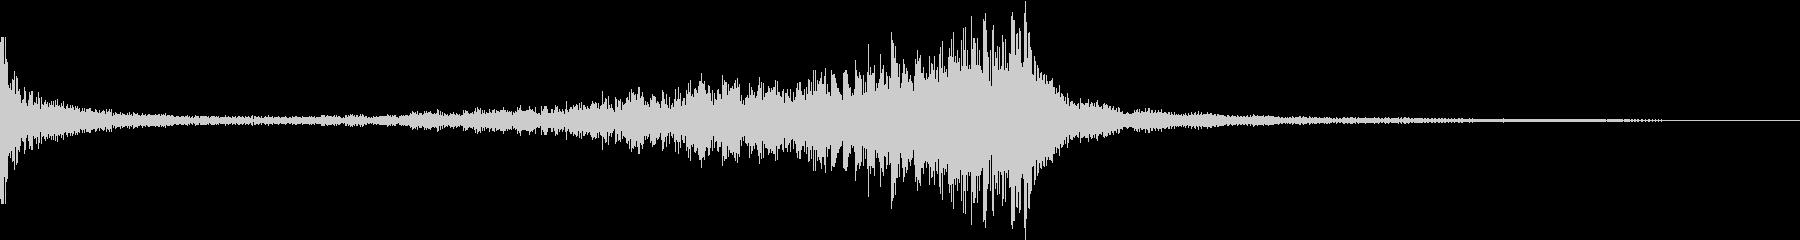 ティンパニ:ロールG、クレッシェンドの未再生の波形